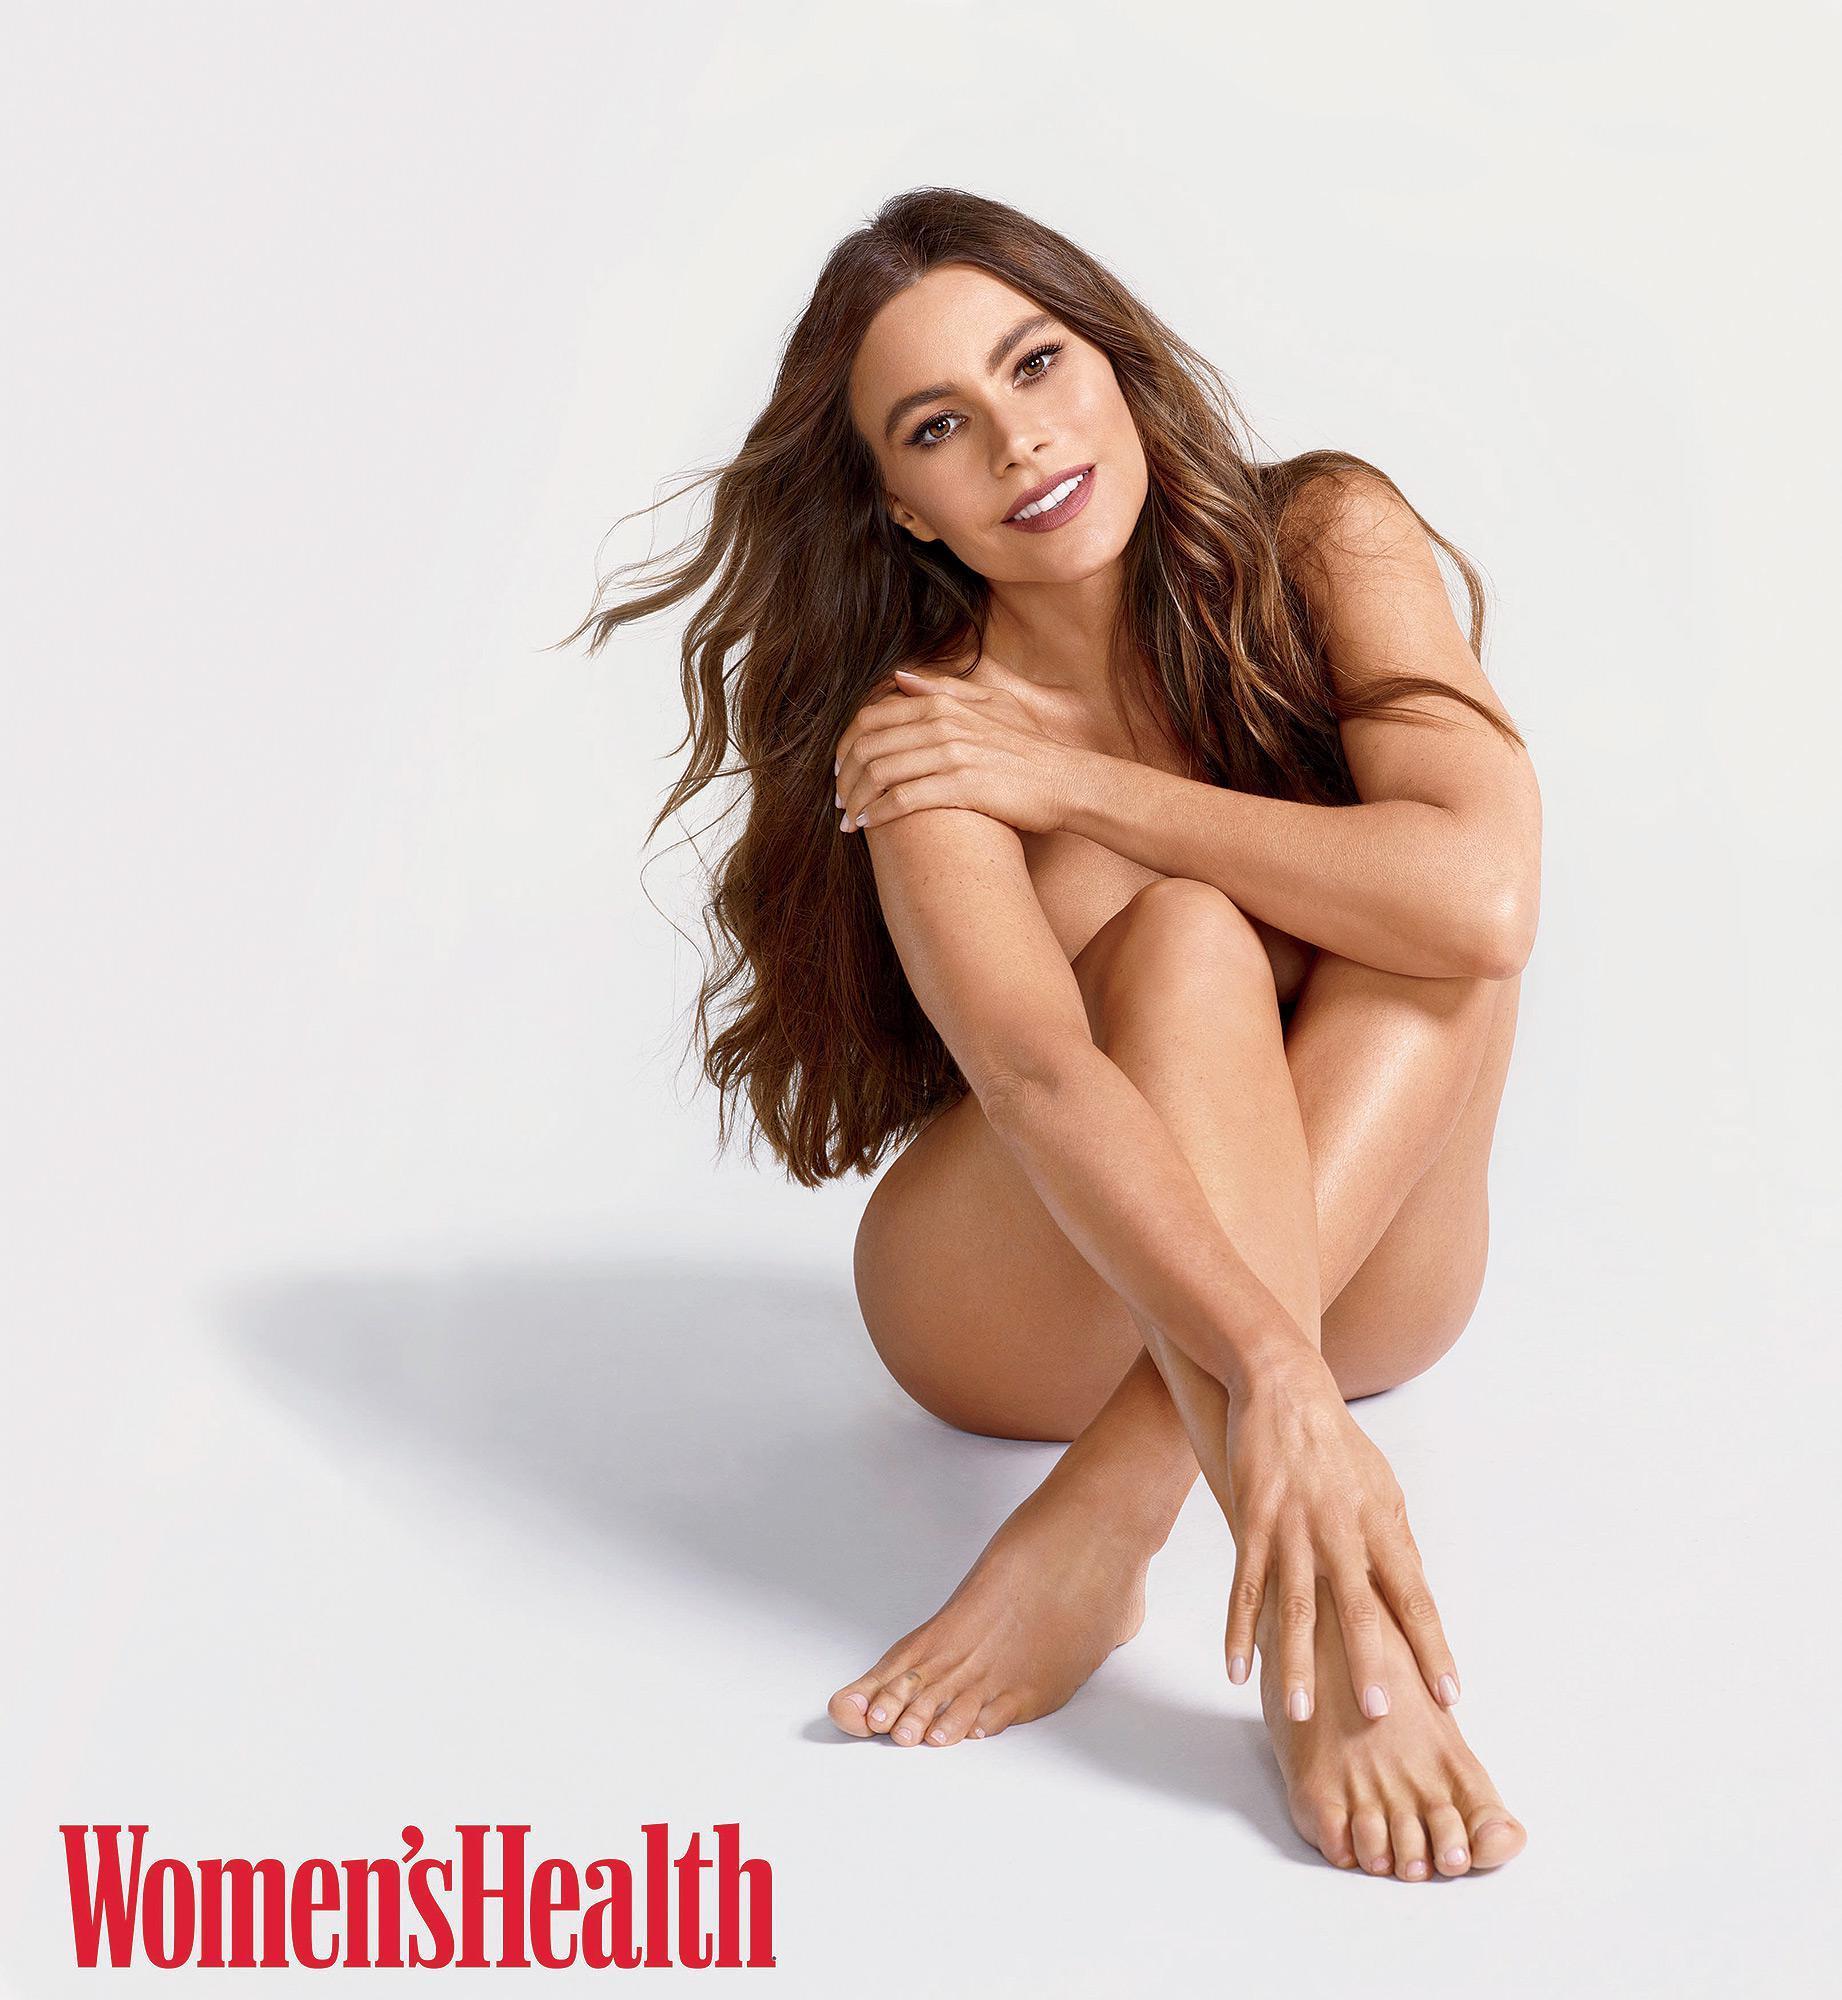 Sofía Vergara's Feet